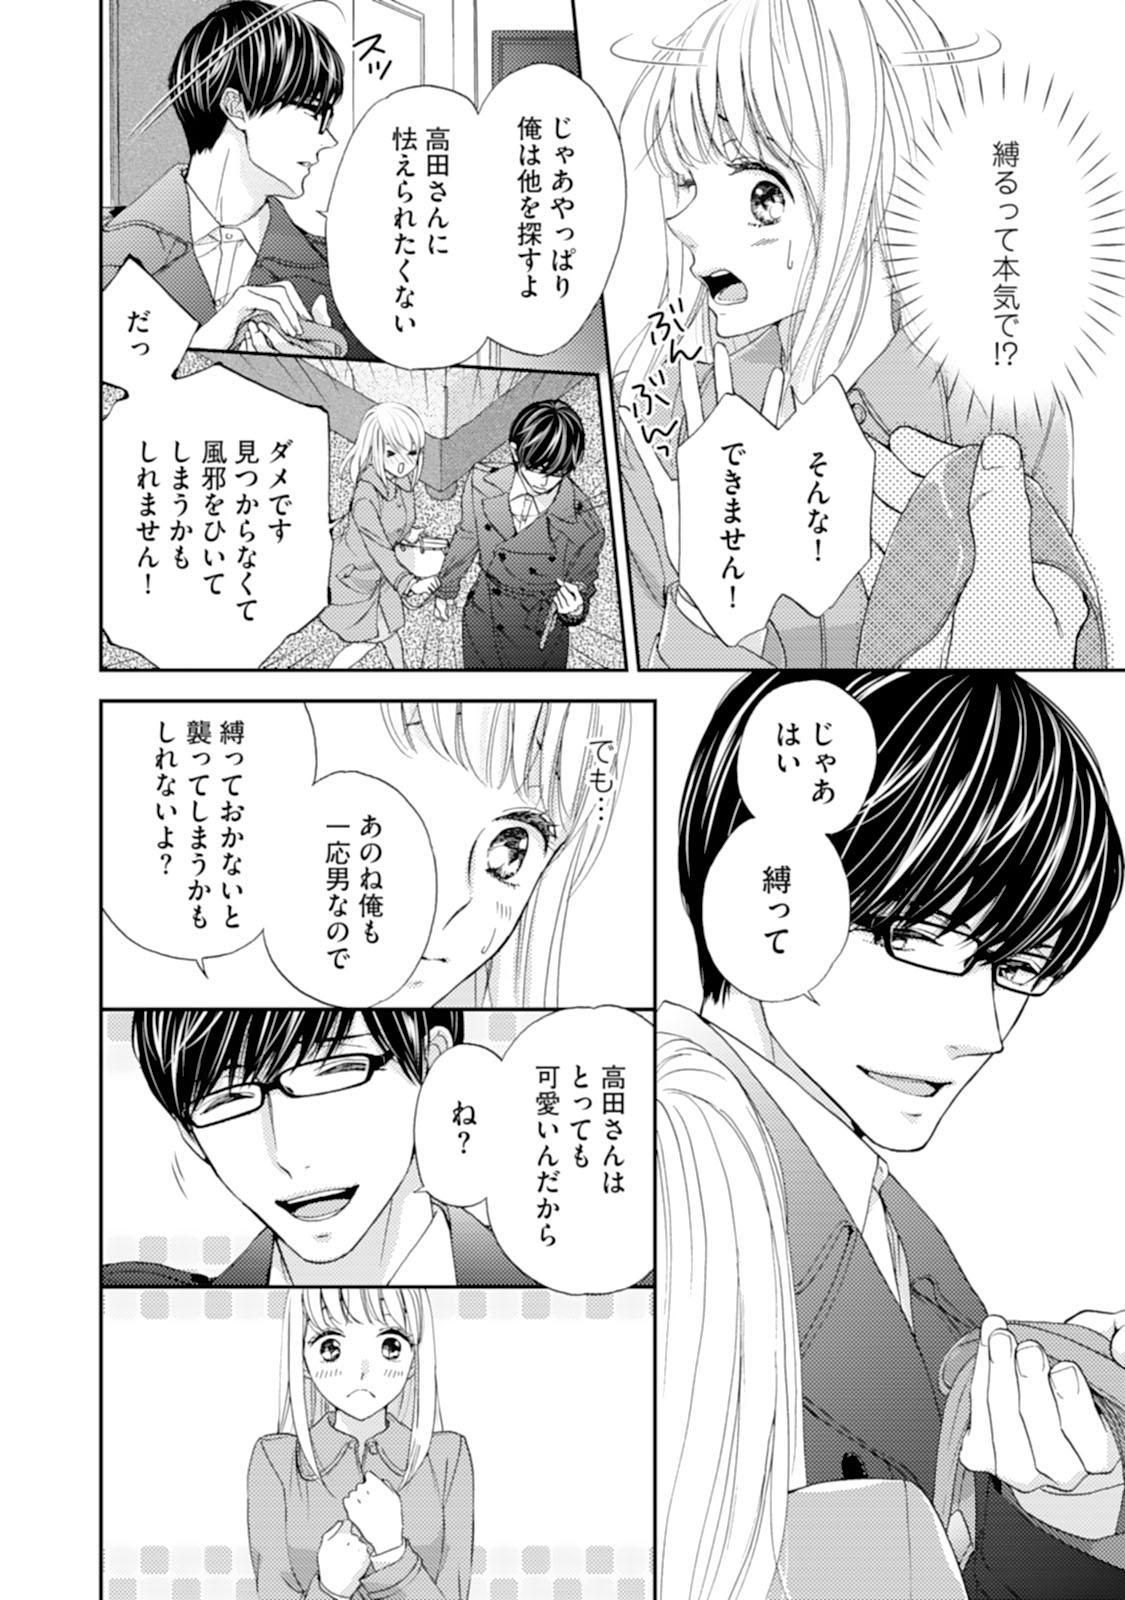 [Adumi Yuu] Choukyou-kei Danshi Ookami-sama to Koneko-chan Ch. 1-3 13